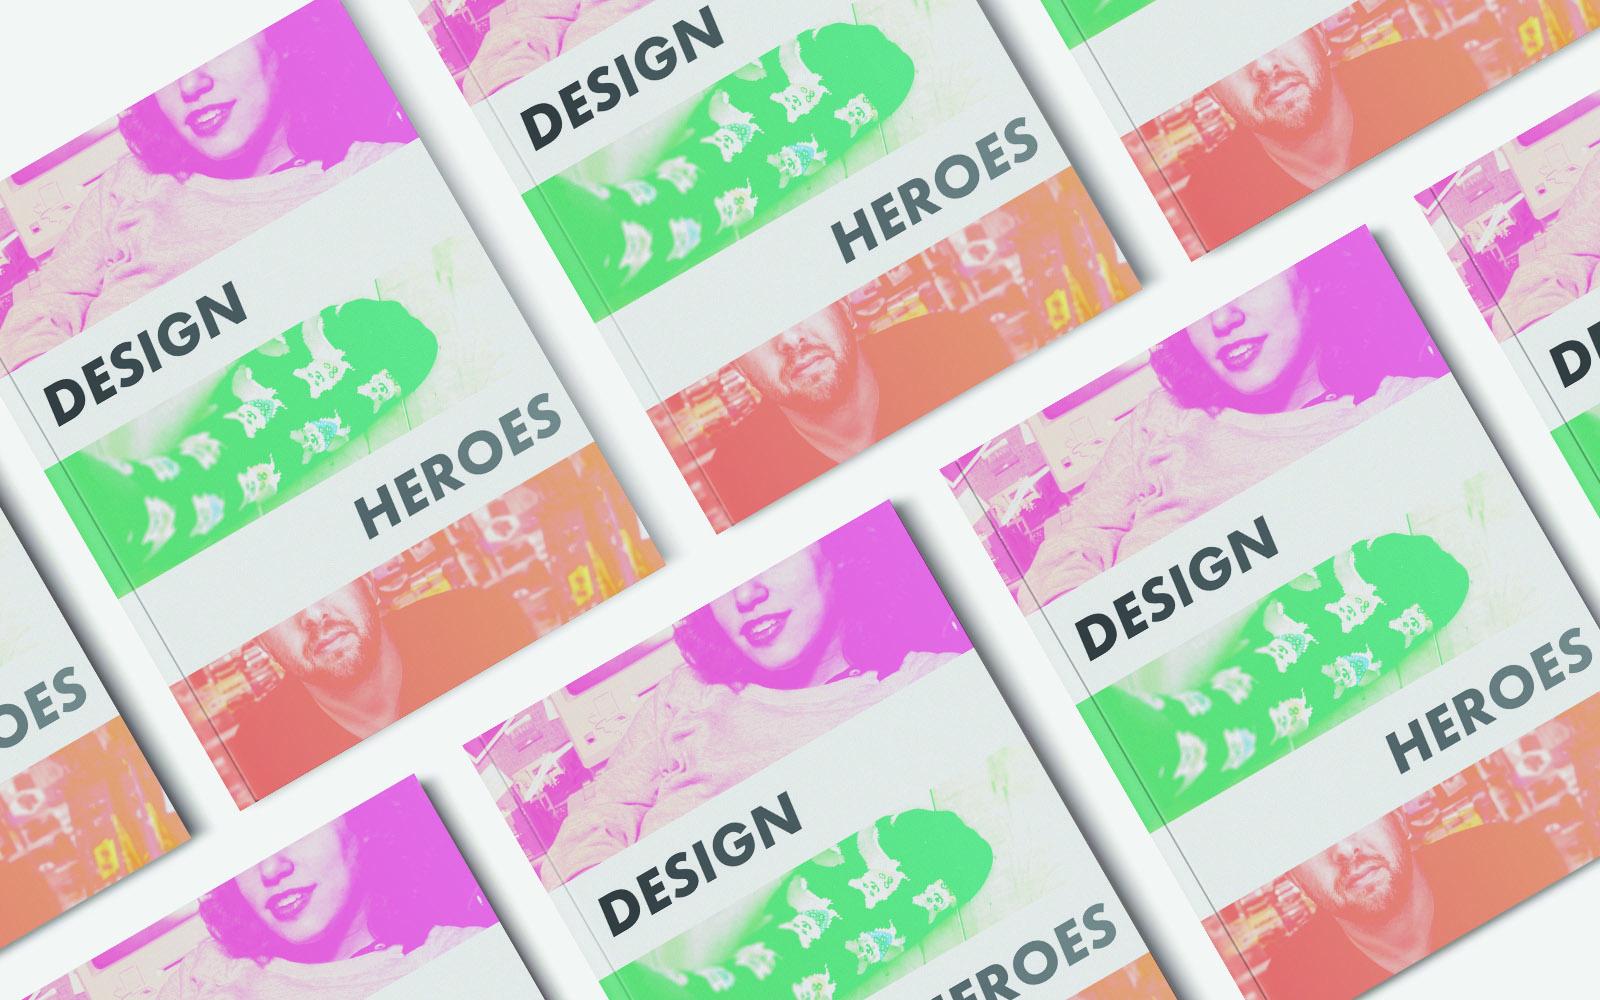 design heroes covers.jpg